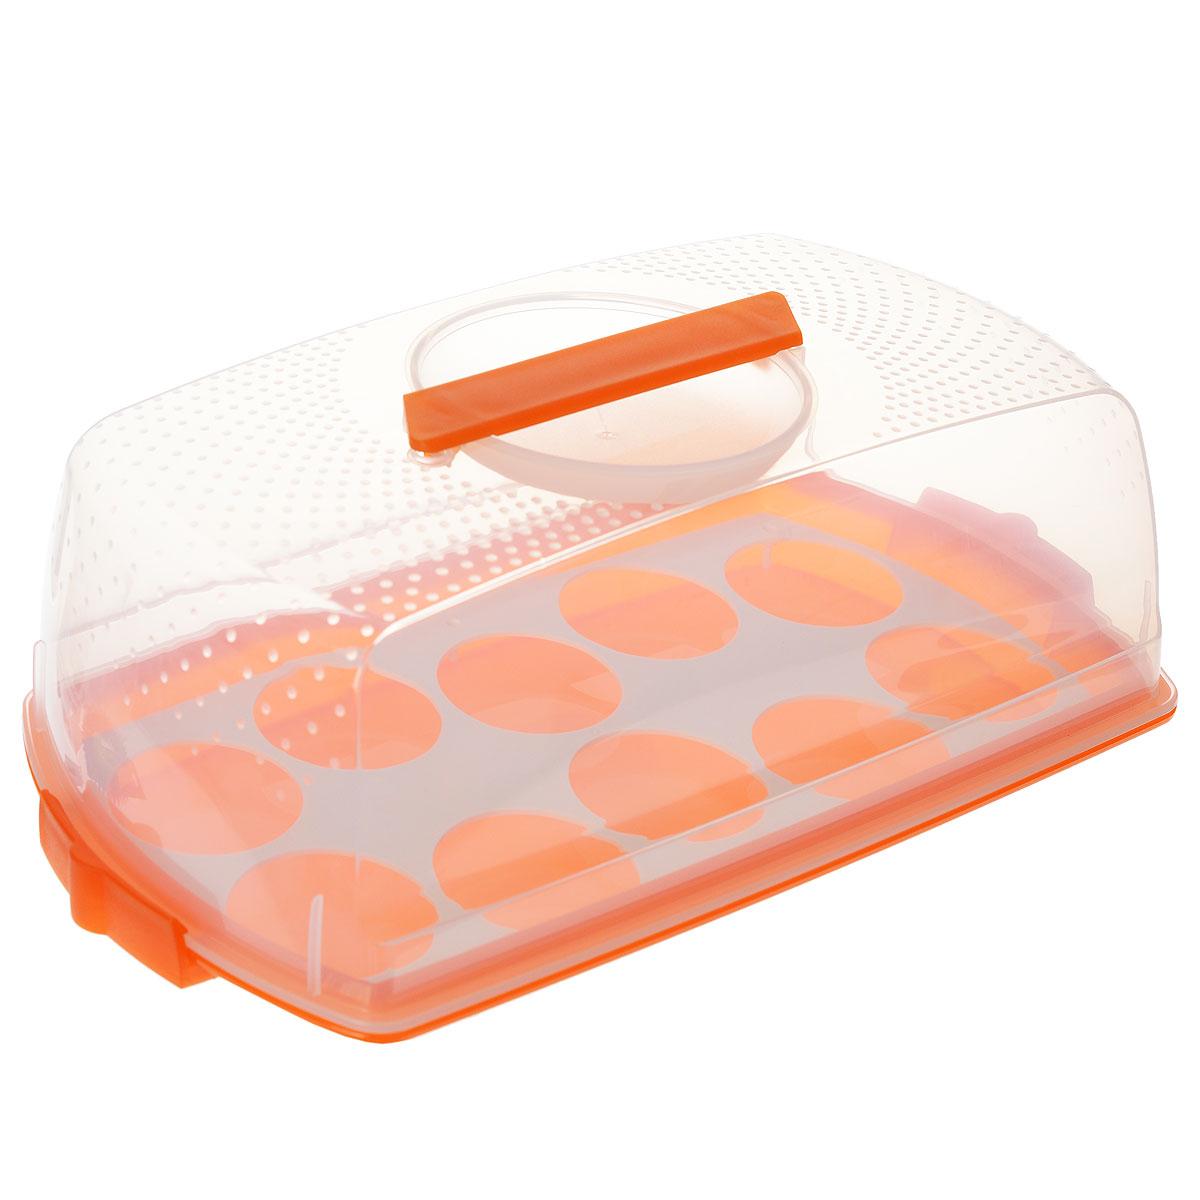 Тортница Cosmoplast Оазис, с защелками, цвет: прозрачный, оранжевый, 37 см х 19 см2120_оранжевыйТортница Cosmoplast Оазис изготовлена из высококачественного прочного пищевого пластика. Она состоит из прямоугольного поддона и прозрачной крышки. Благодаря двум защелкам крышка плотно сидит на подносе, что позволяет сохранить первоначальную свежесть торта и защитить его от посторонних запахов. Тортница имеет дополнительное пластиковое основание для удобной переноски небольших кексов и пирожных. Крышка тортницы снабжена эргономичной ручкой для комфортной переноски. Размер поддона: 37 см х 19 см. Высота борта: 2,5 см.Высота крышки: 10,5 см.